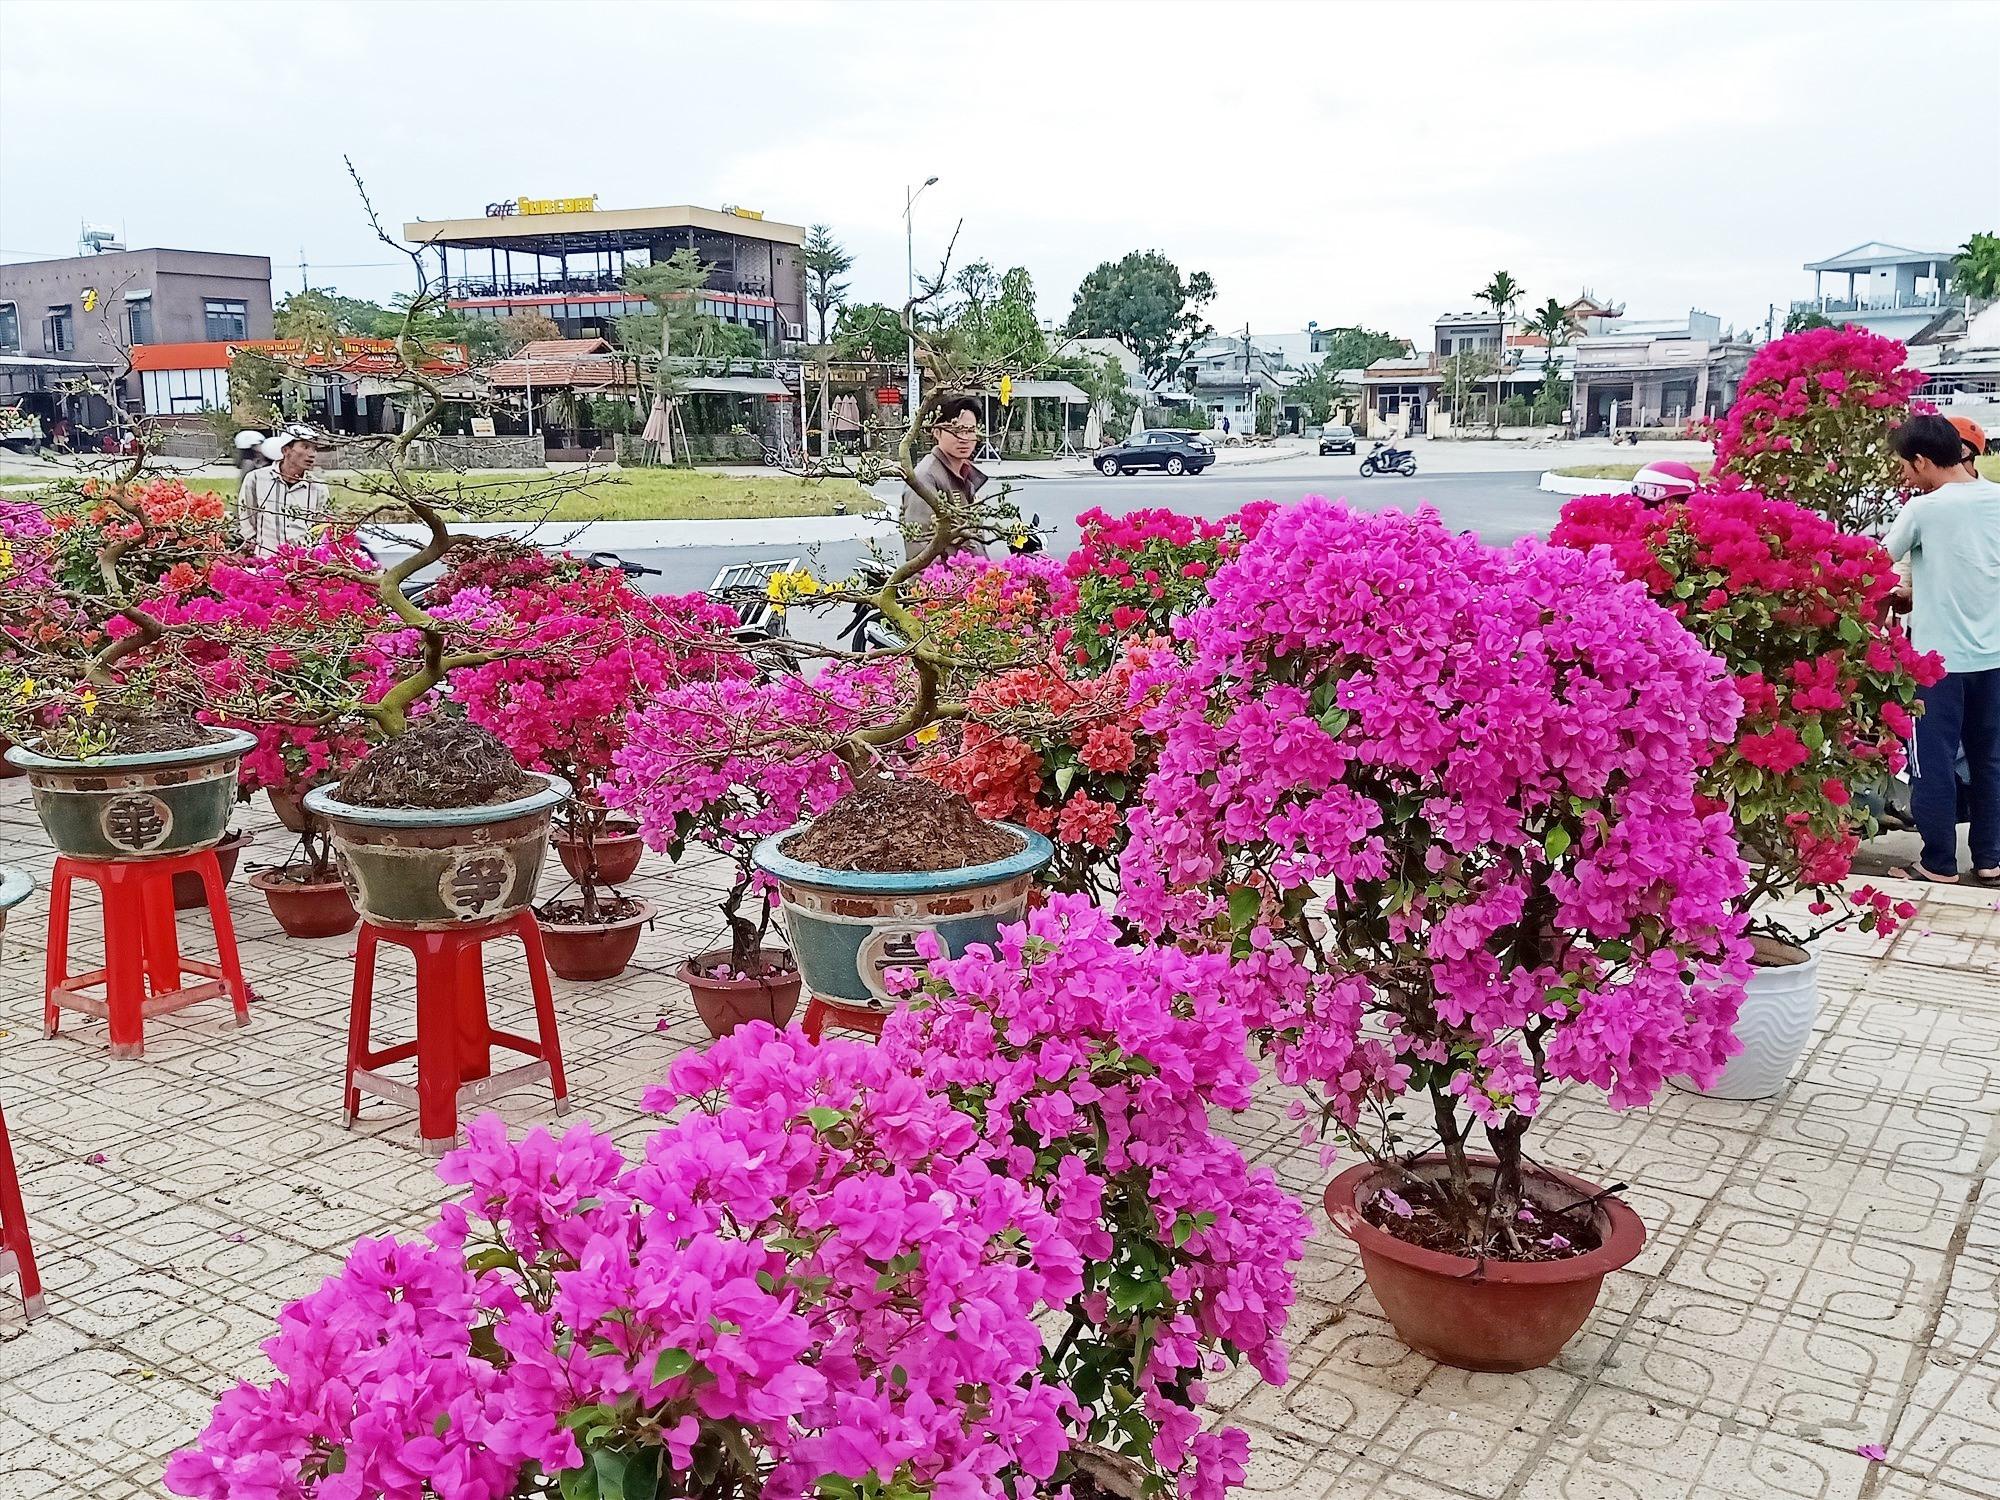 Ngoài quật chậu, cúc chậu, thược dược thì hoa giấy ngoại đủ màu lạ và đẹp, có giá mềm tại chợ hoa với lượt mua rải rác. Ảnh: H.LIÊN